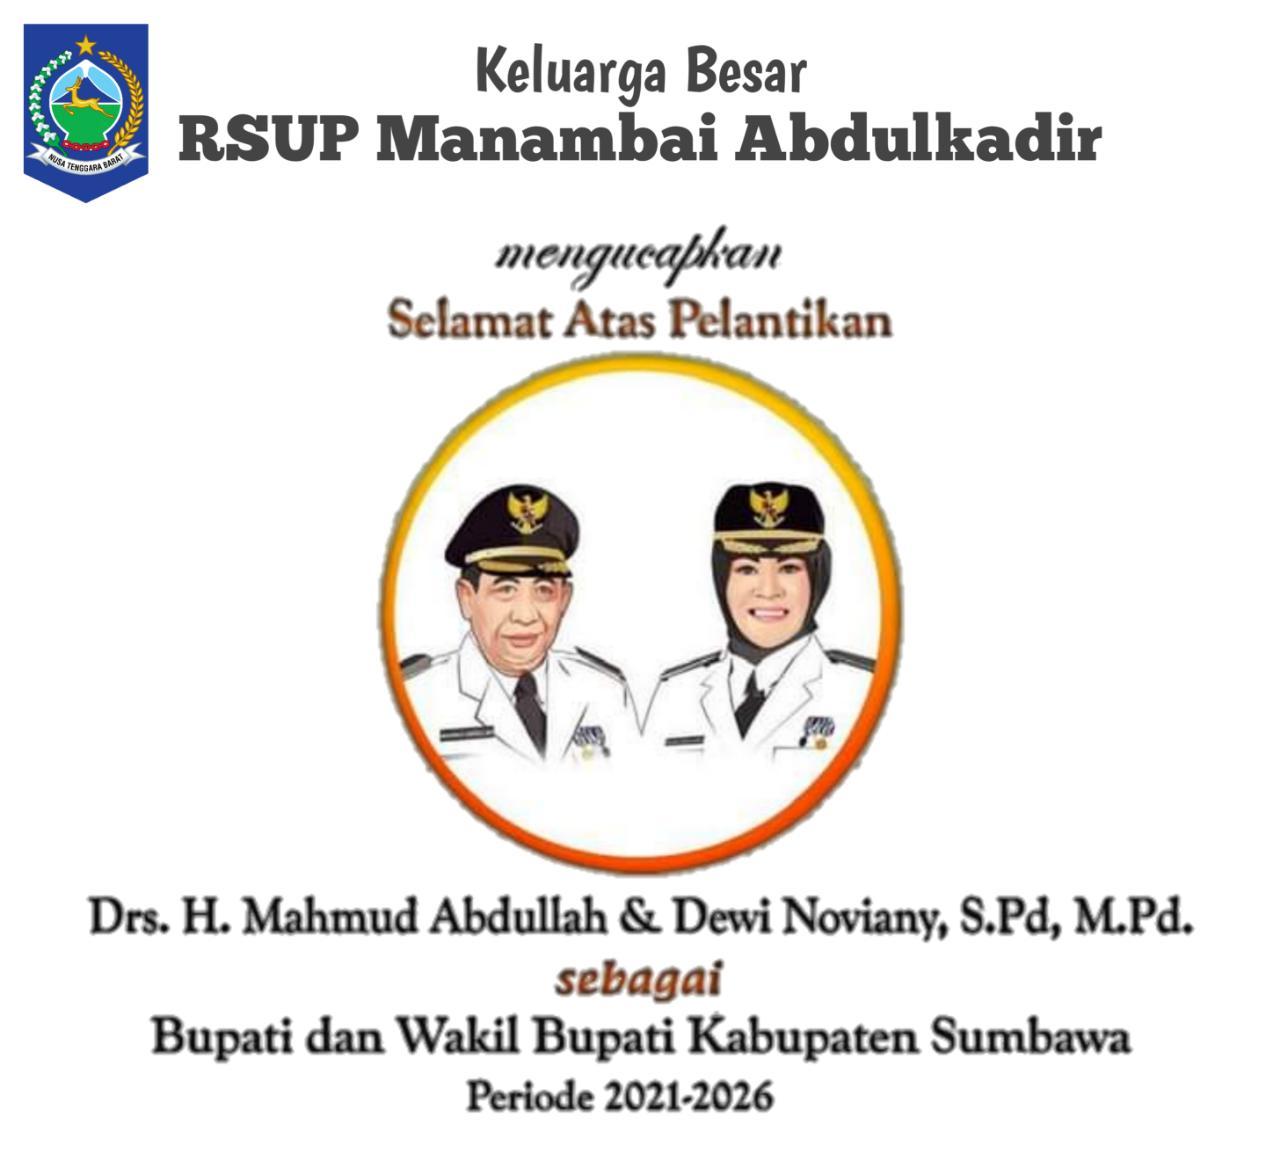 Ucapan Selamat Pelantikan dari Keluarga Besar RSUP Manambai Abdul Kadir